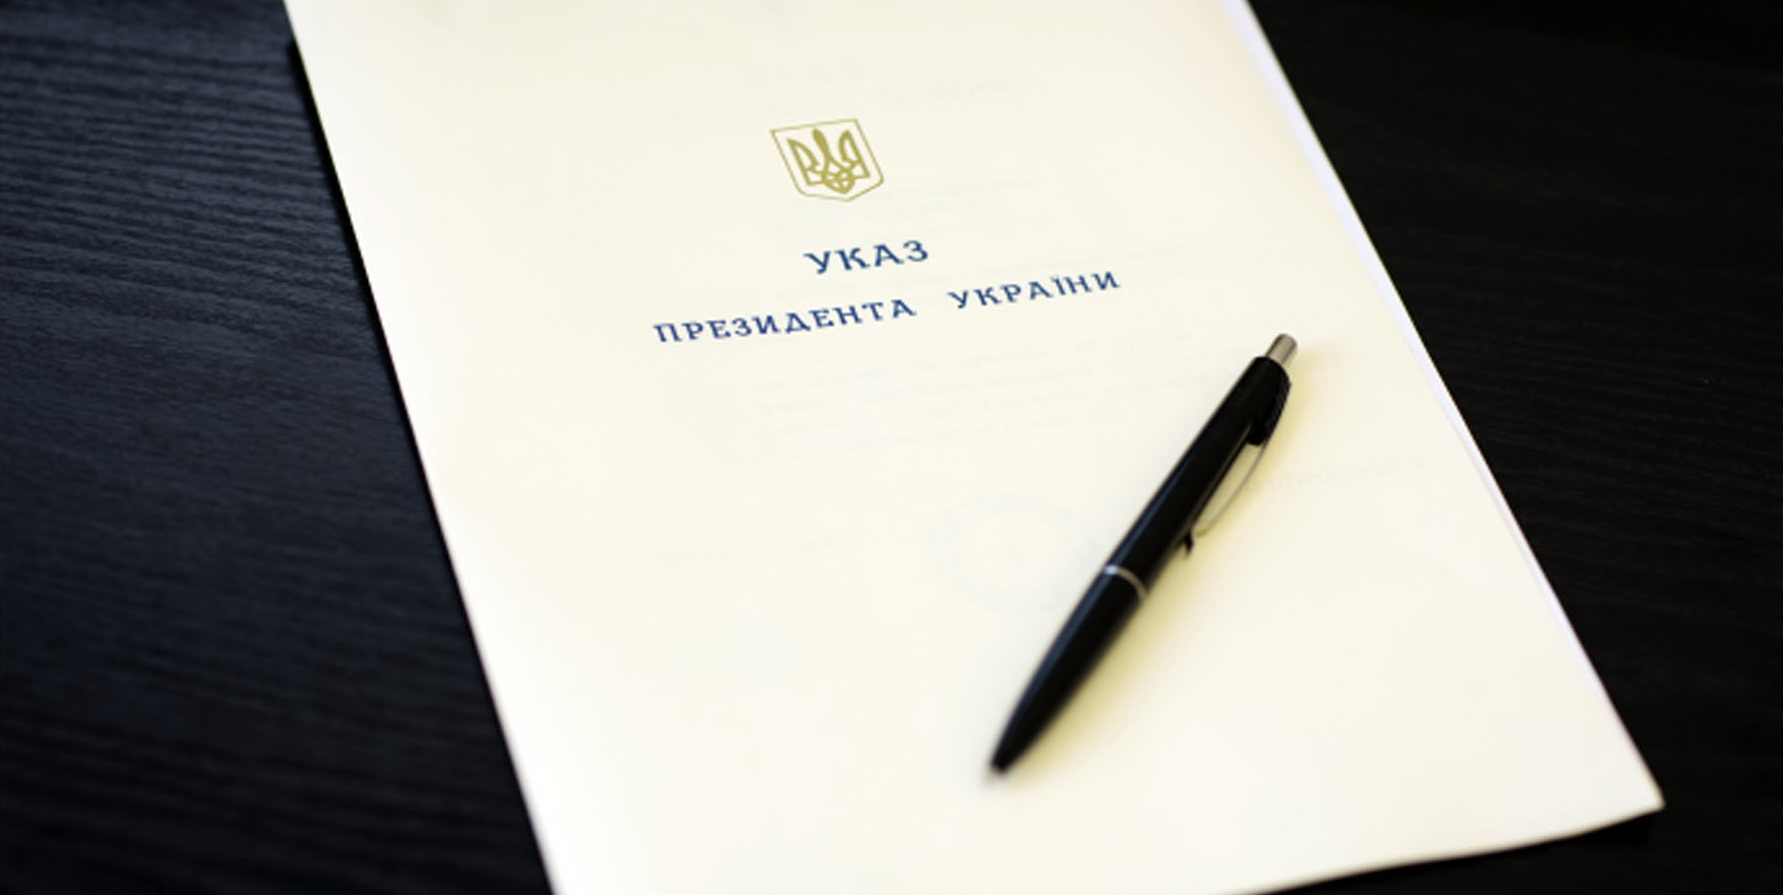 Президент України присвоїв директору МІАС Сергію Шумило звання «Заслужений працівник культури України»